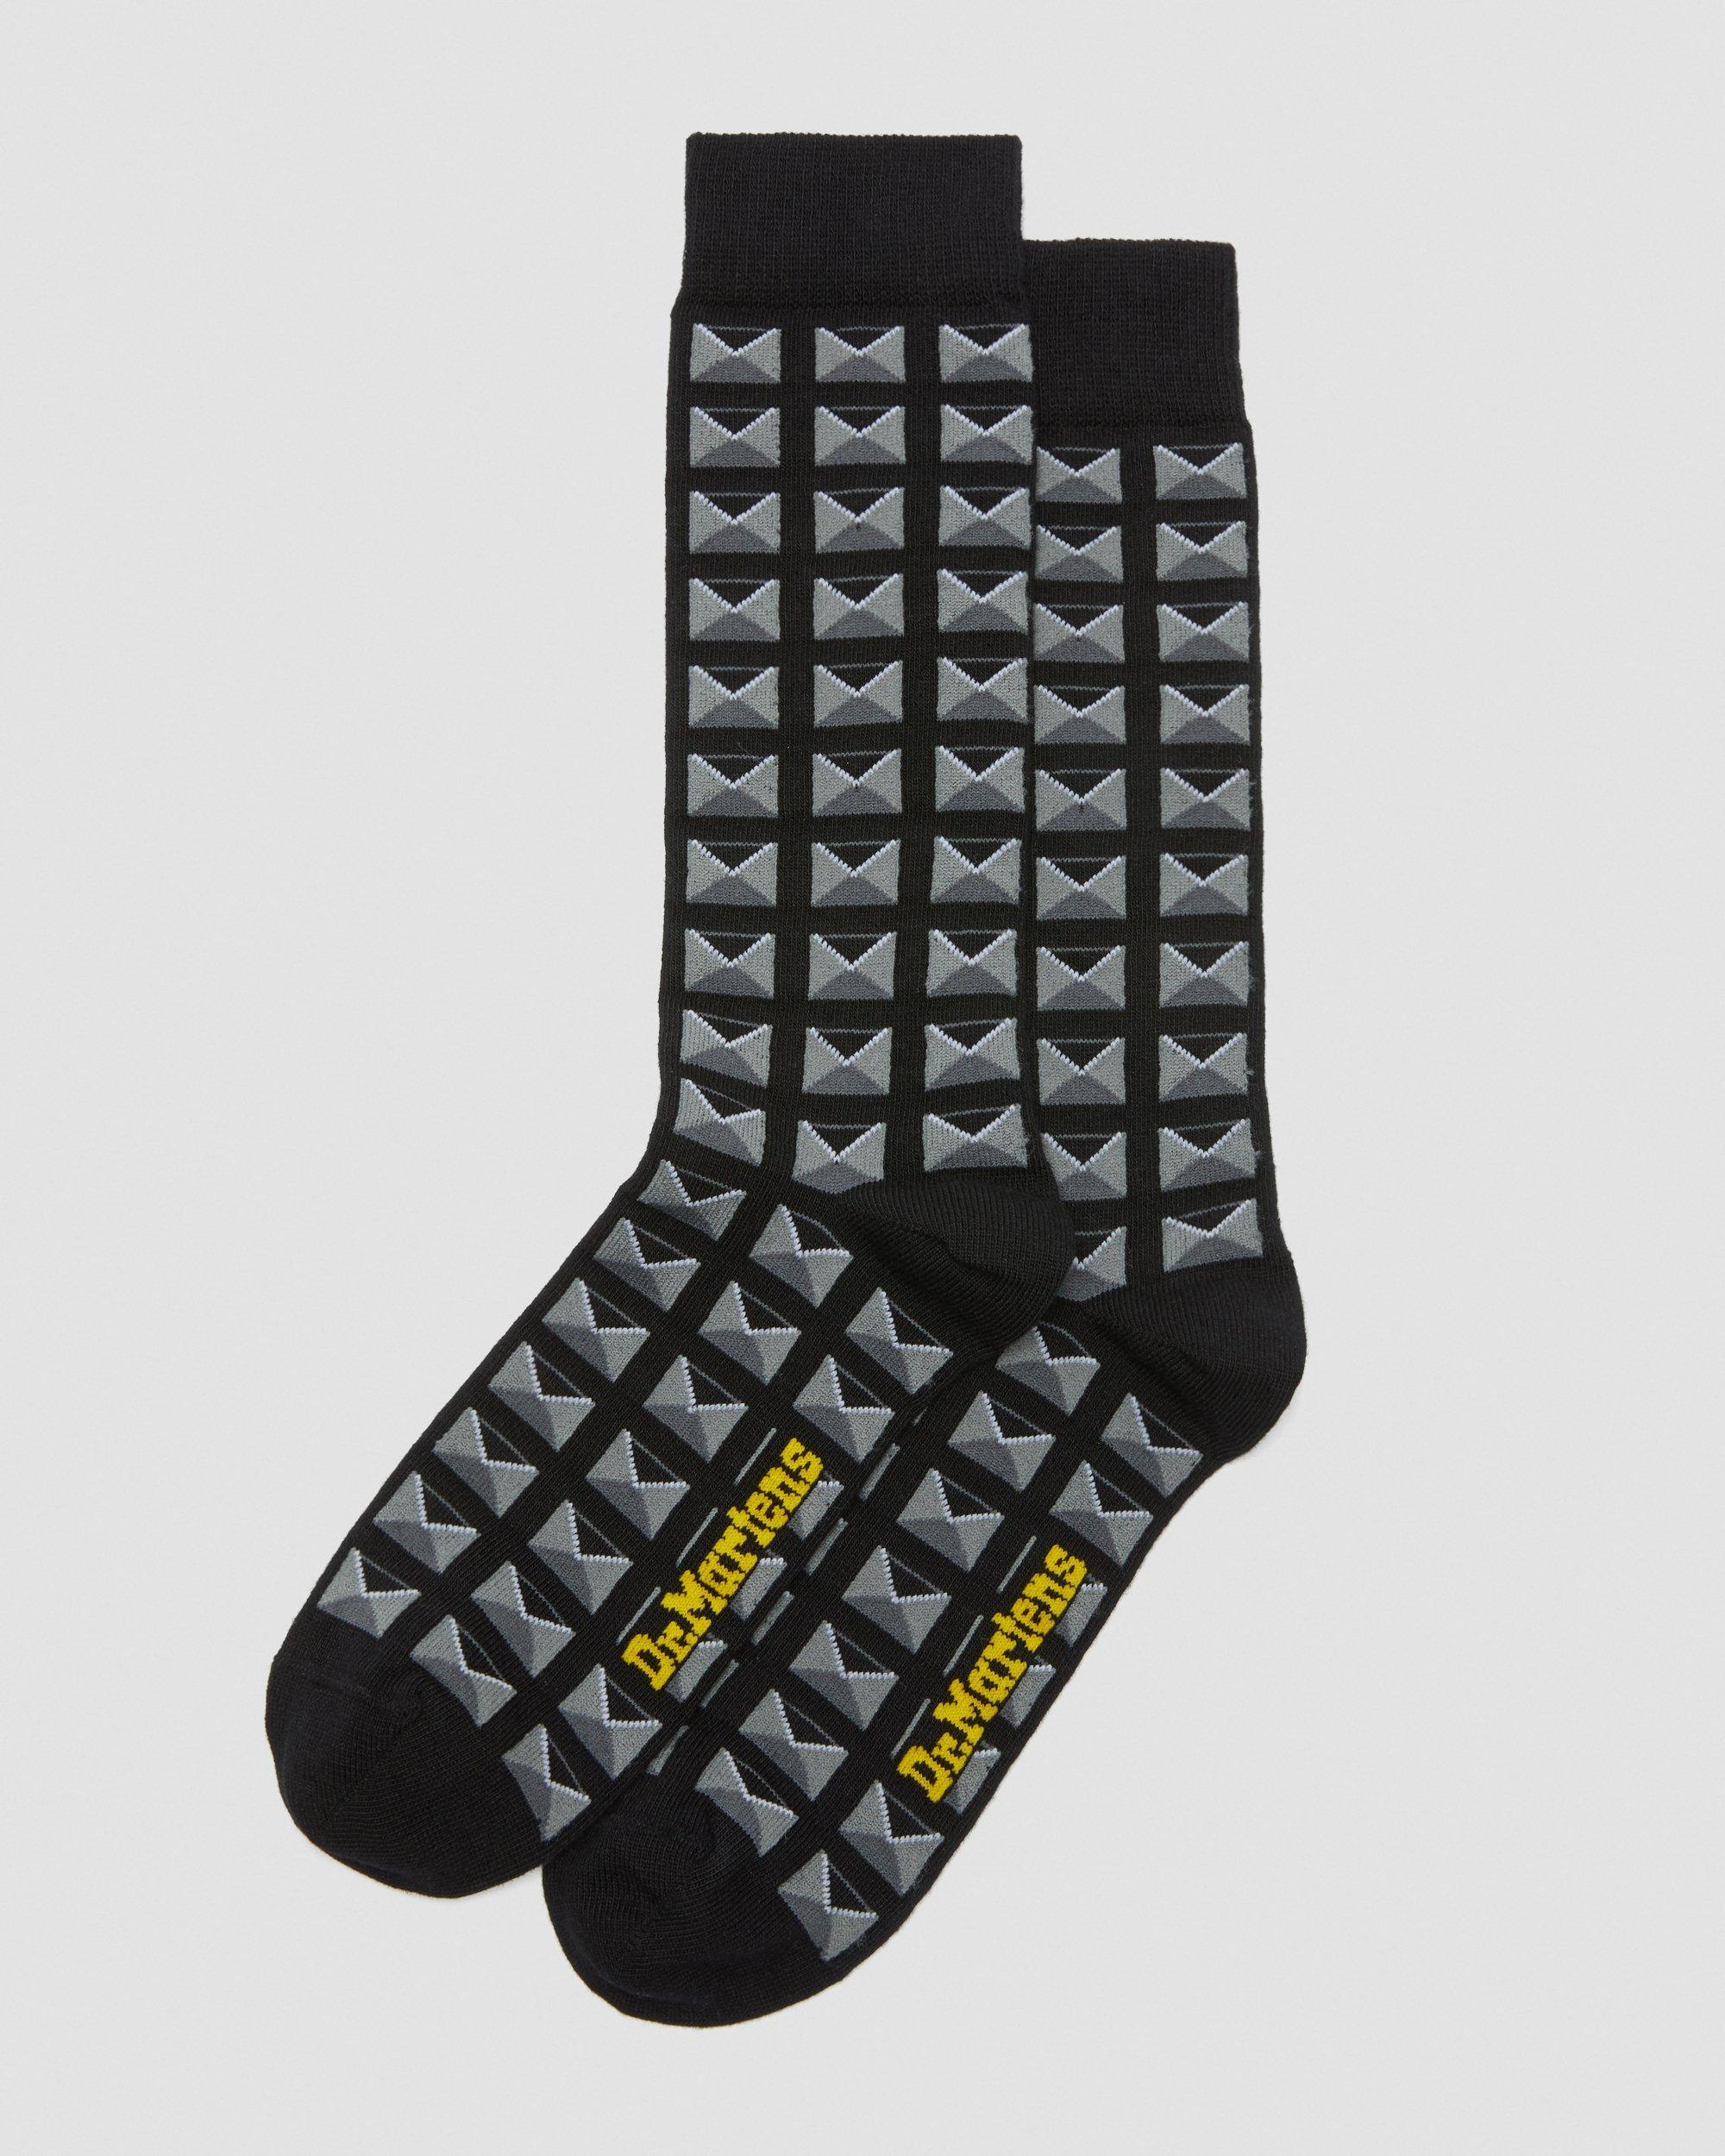 Dr Martens Docs Herren Socken Schwarz: : Schuhe